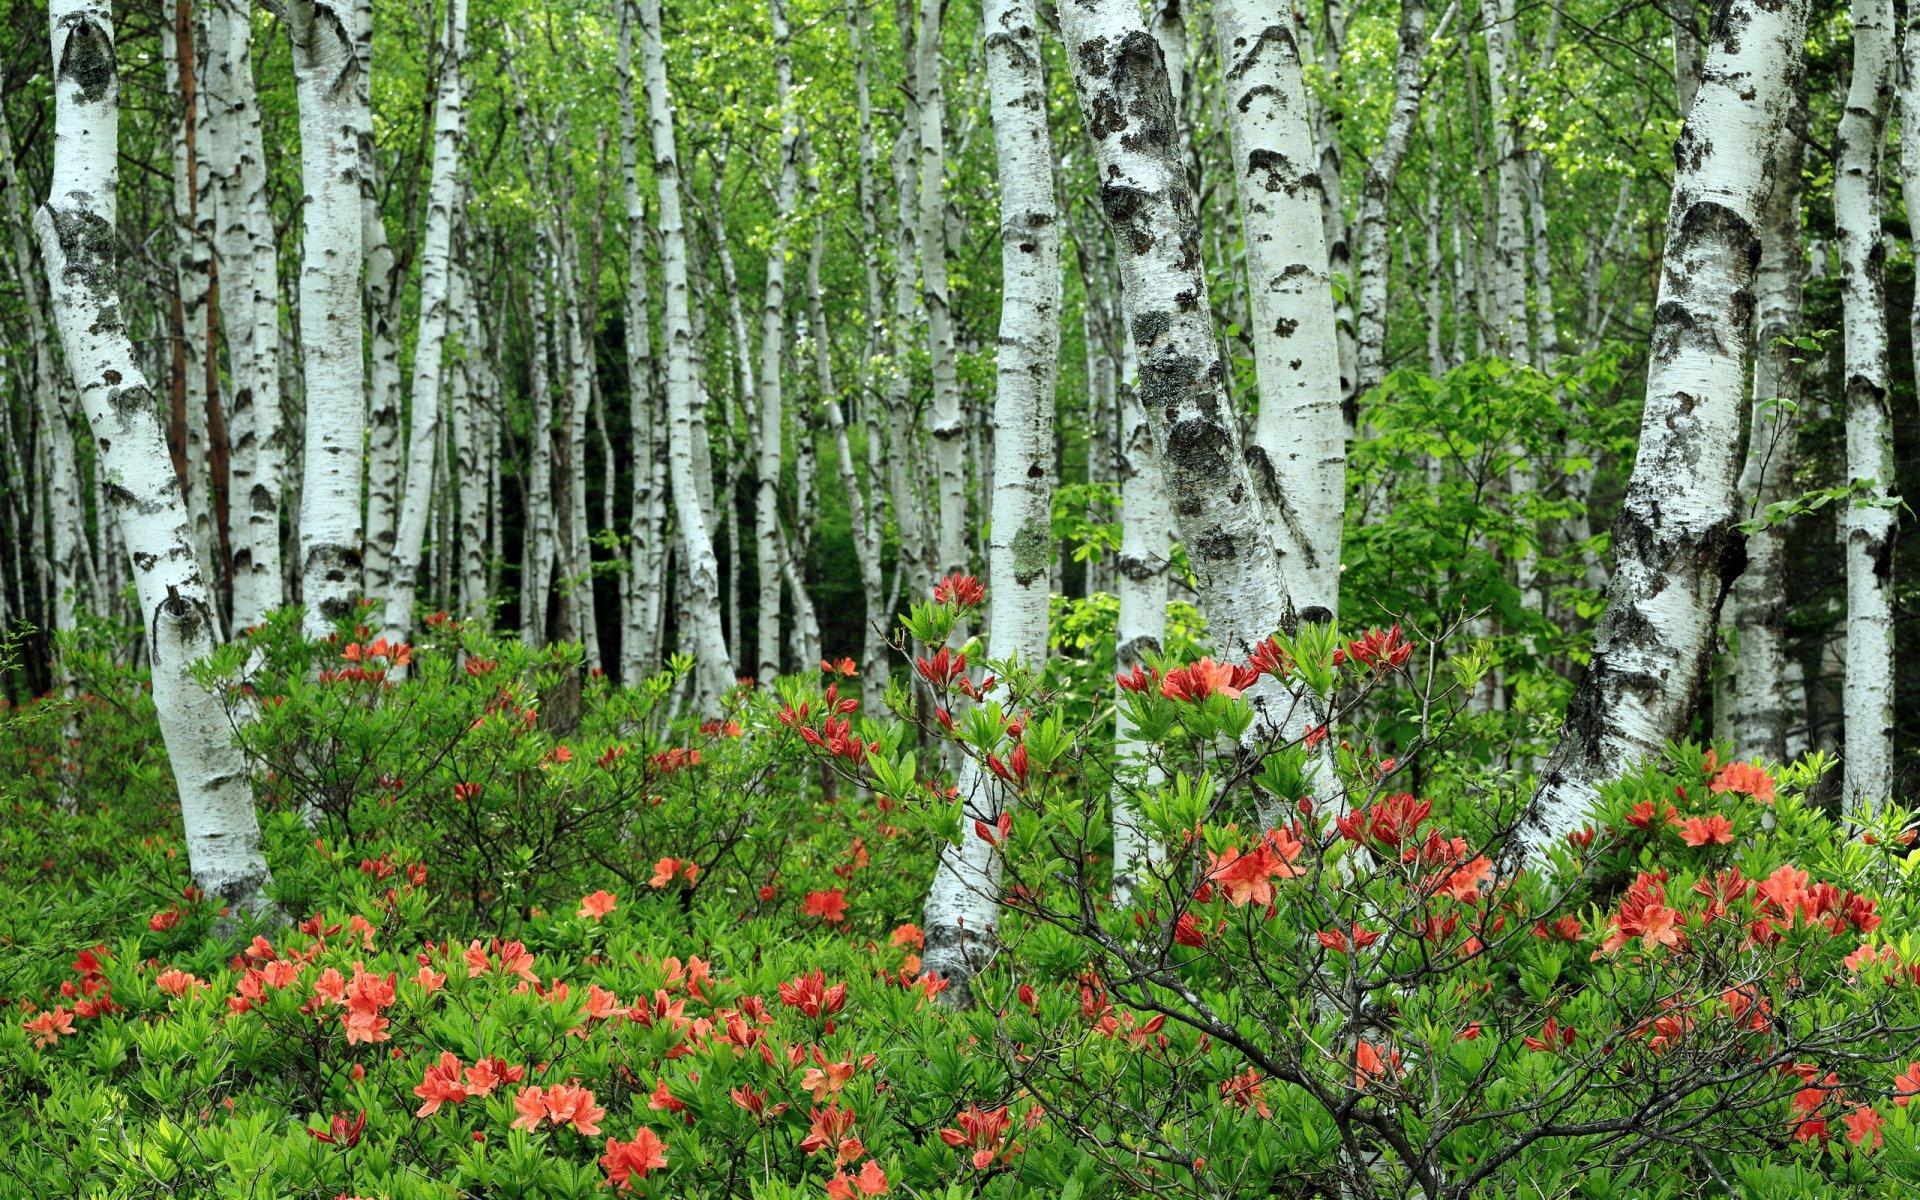 папоротник картинки про природу березовую рощу и цветы это